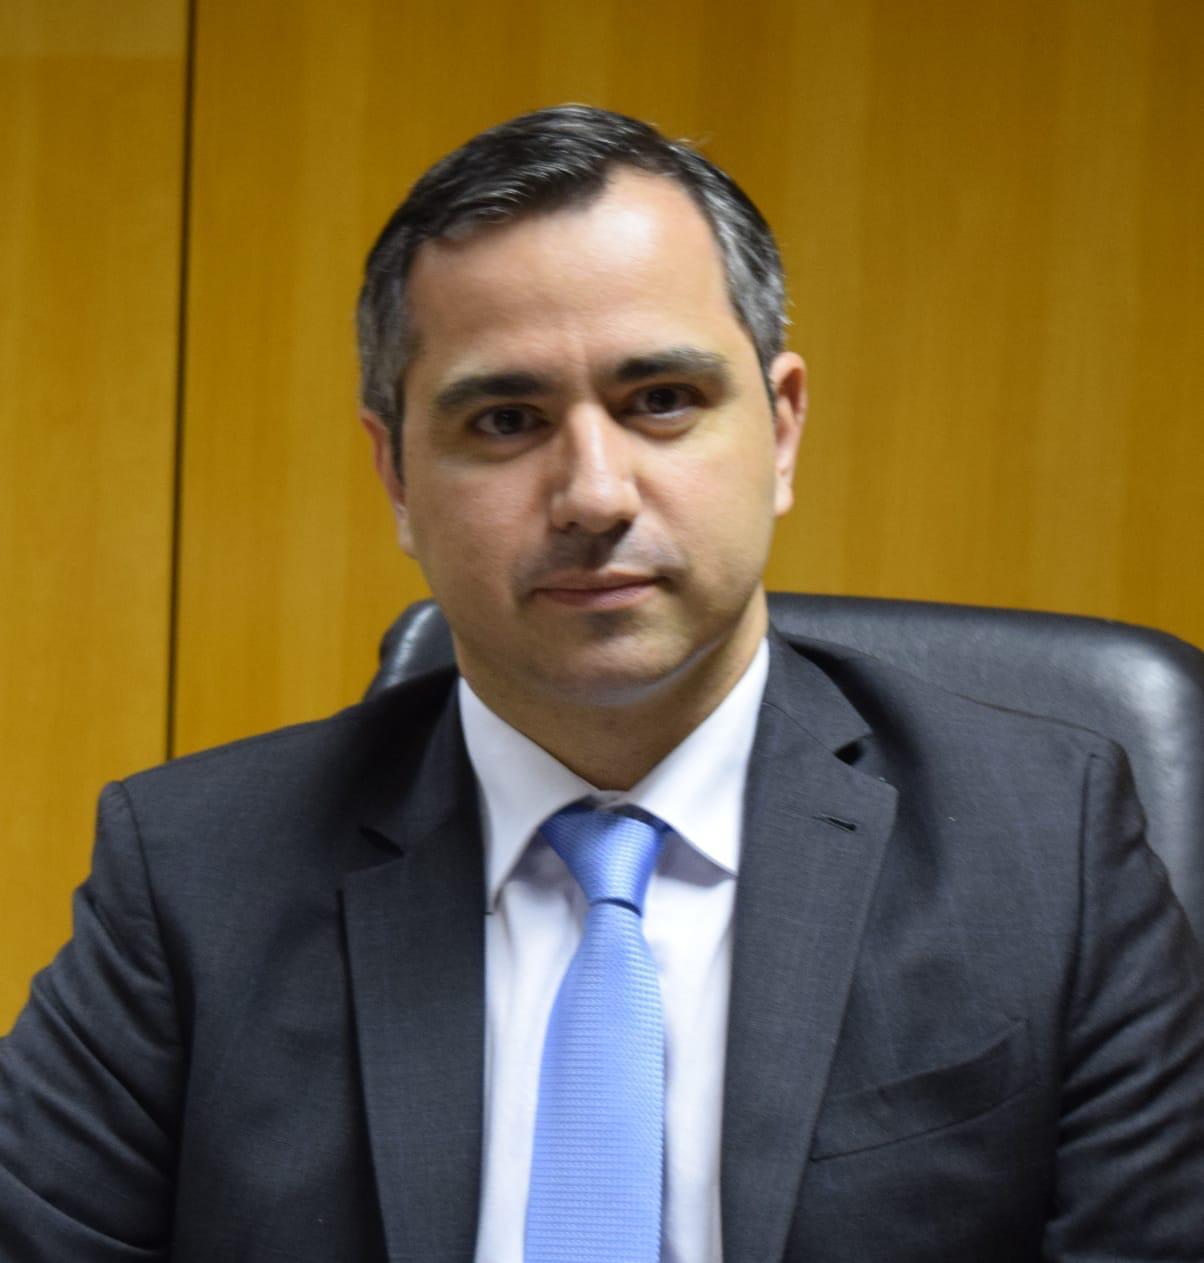 leandro-fonseca-e-o-novo-diretor-de-corporate-affairs-da-novartis